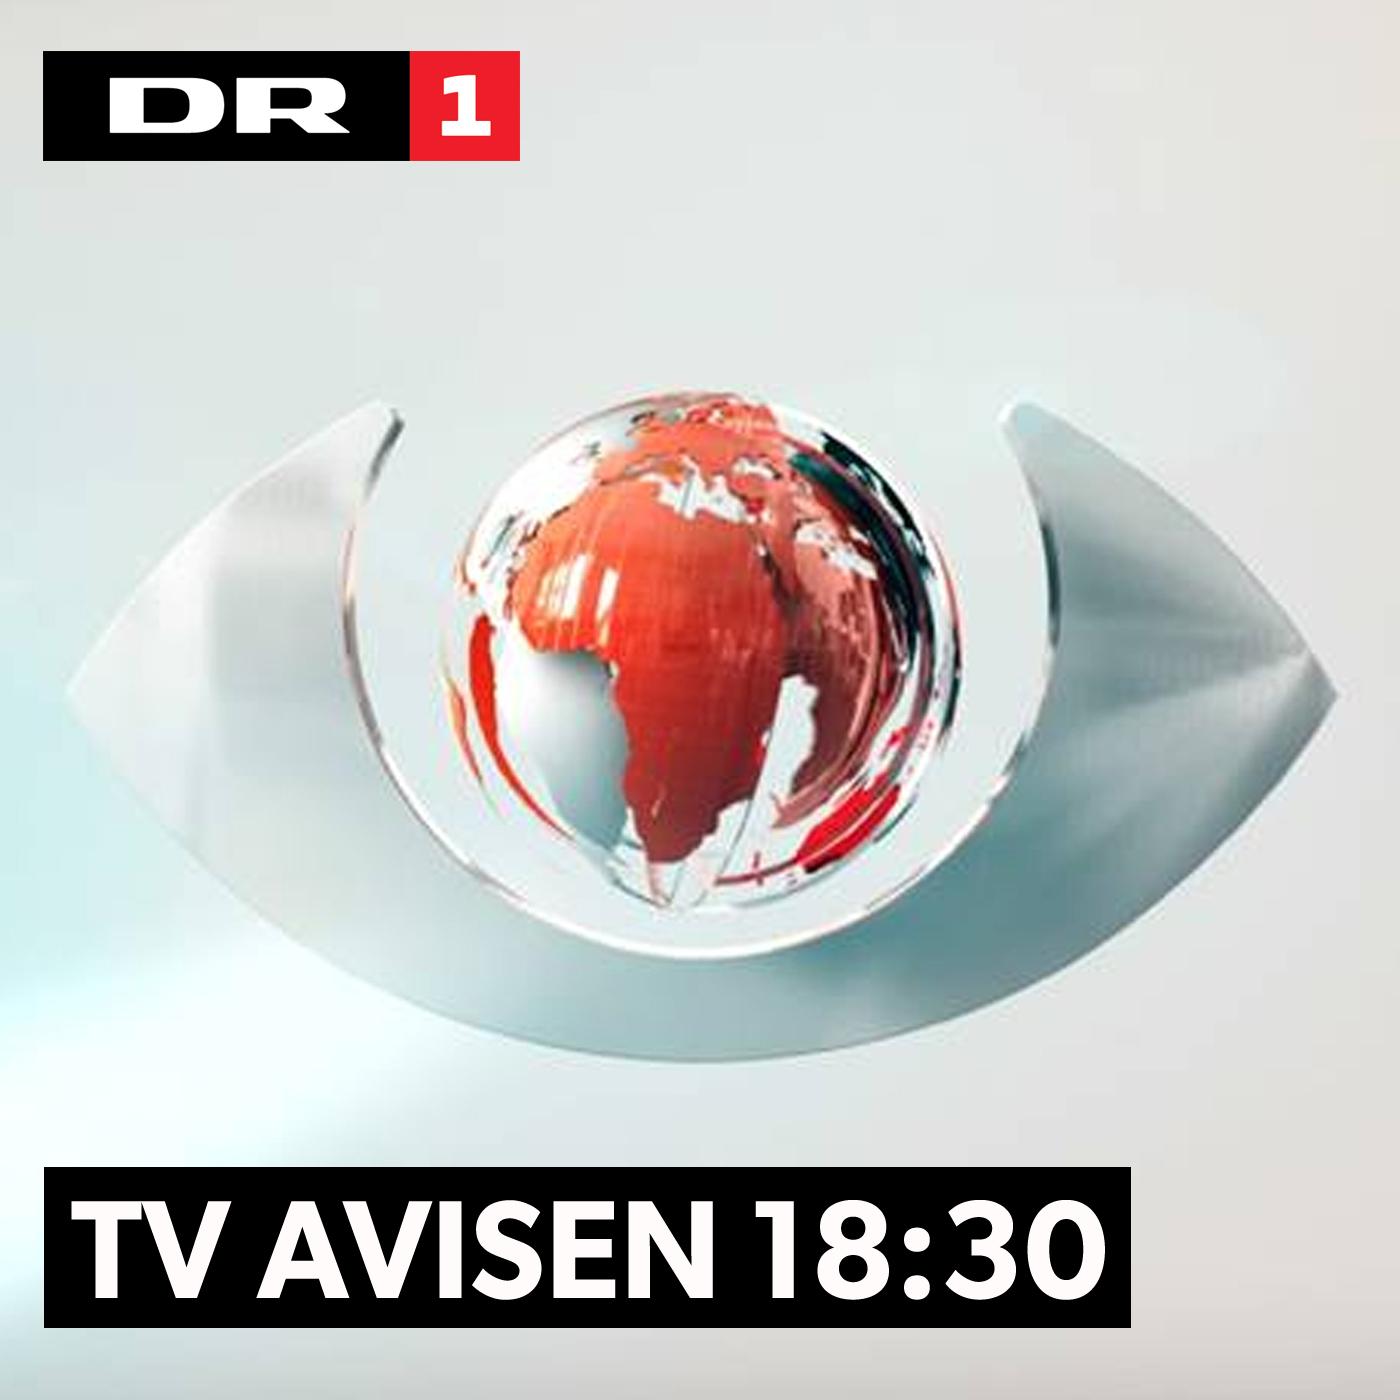 TV AVISEN med Sporten